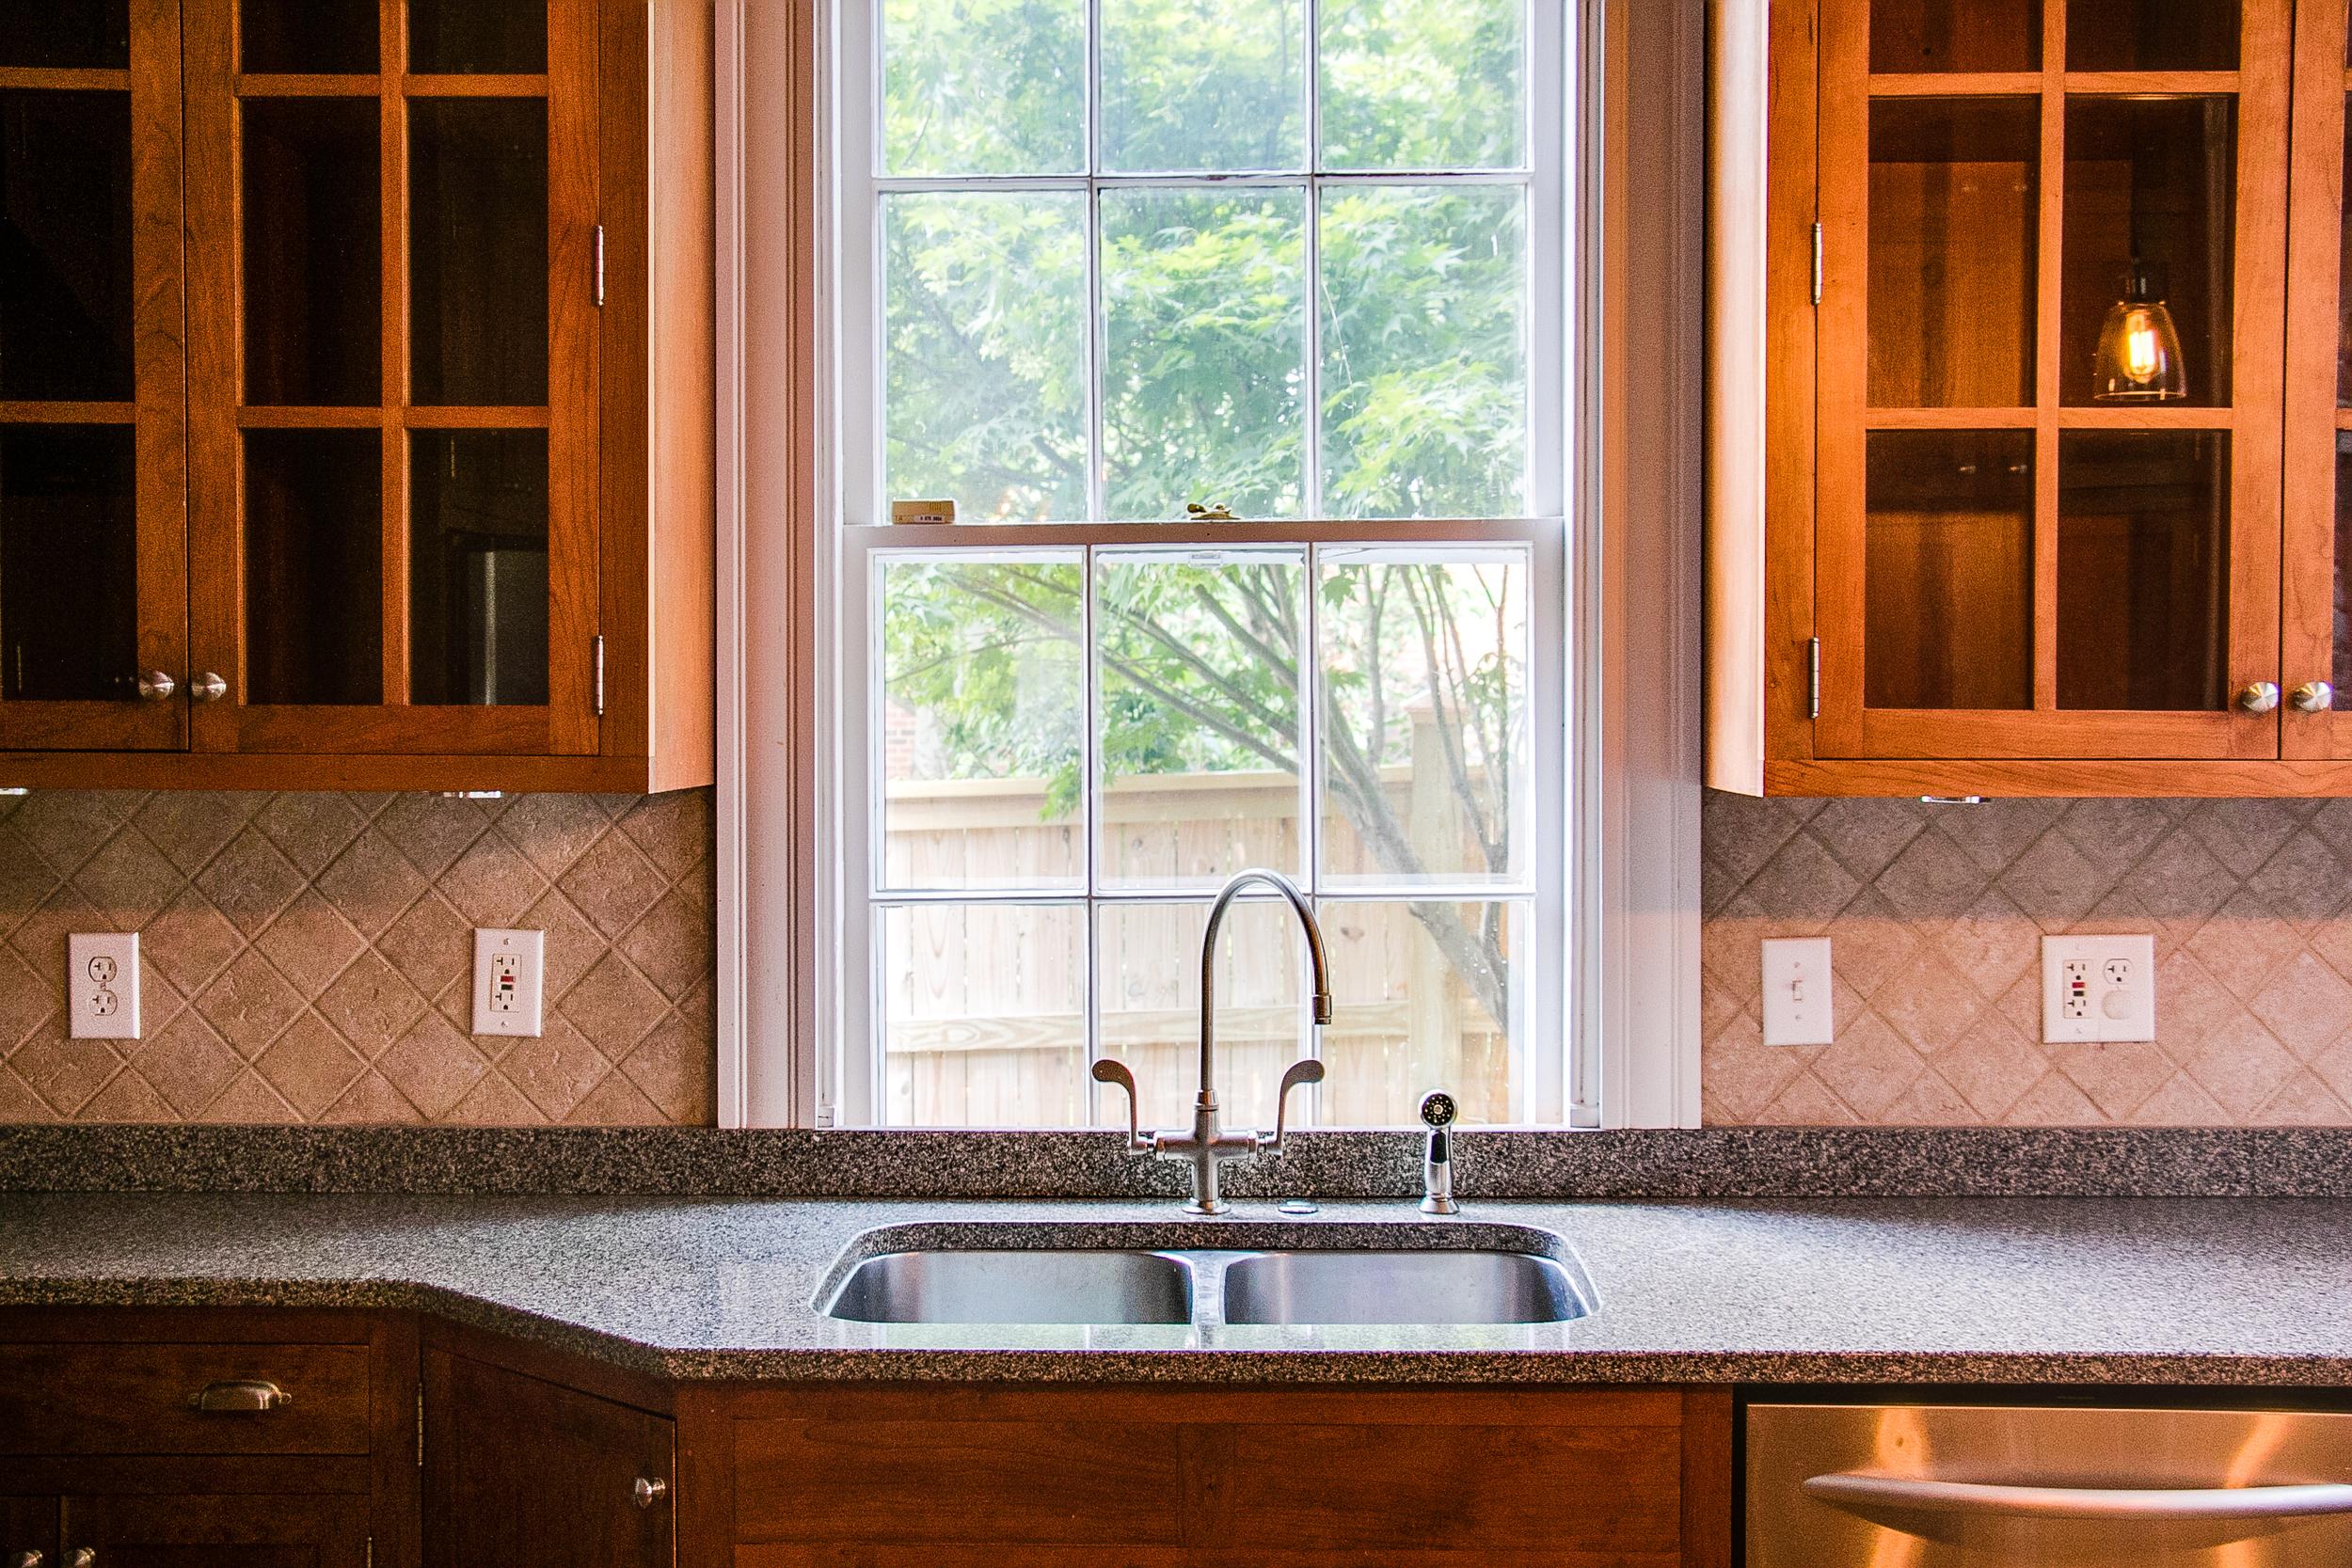 9 Kitchen 4.jpg